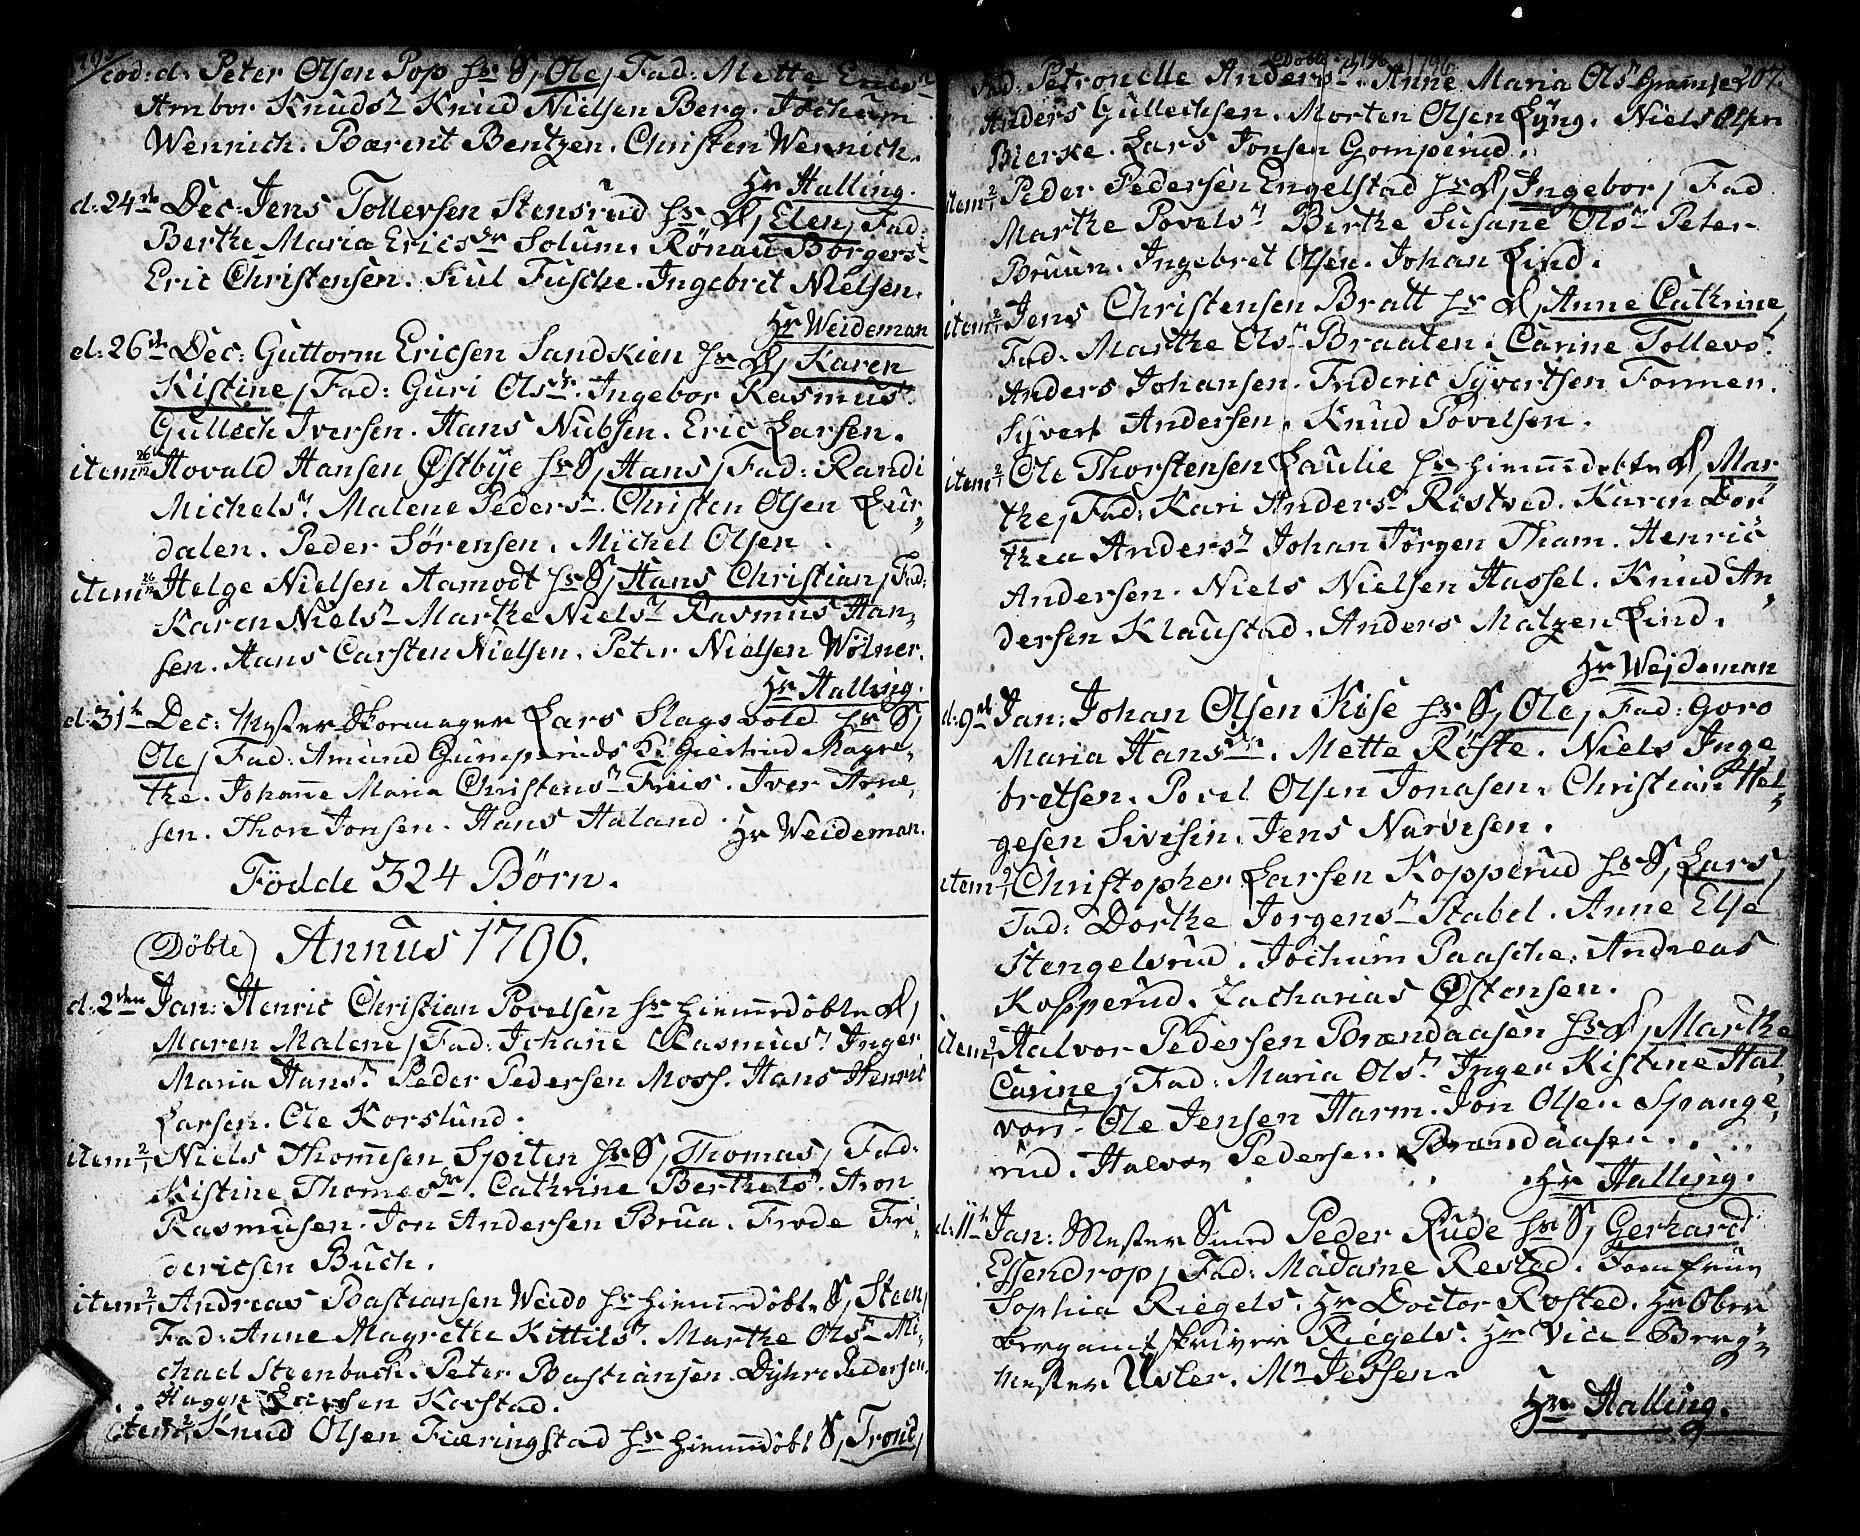 SAKO, Kongsberg kirkebøker, F/Fa/L0006: Ministerialbok nr. I 6, 1783-1797, s. 207